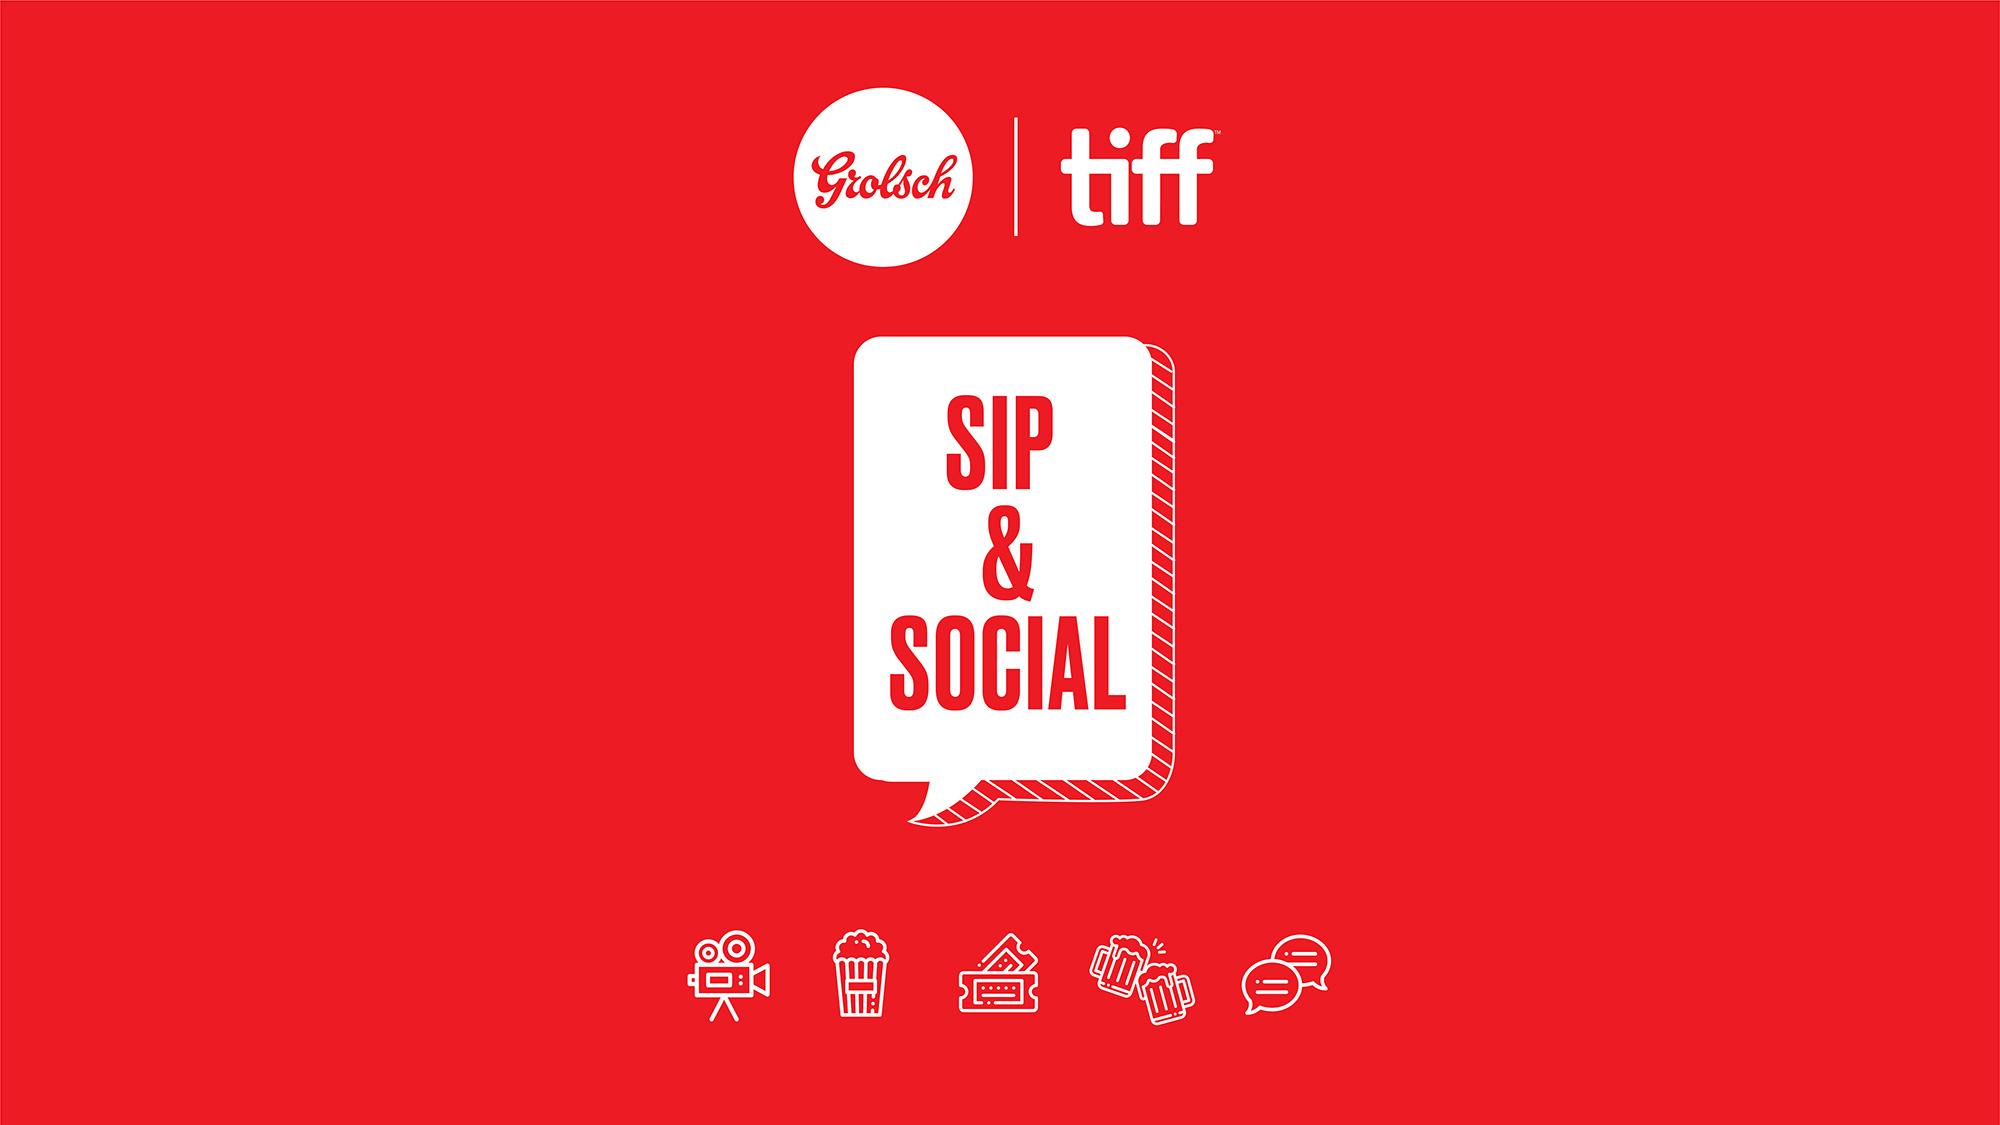 Sip-&-Social_main-visual